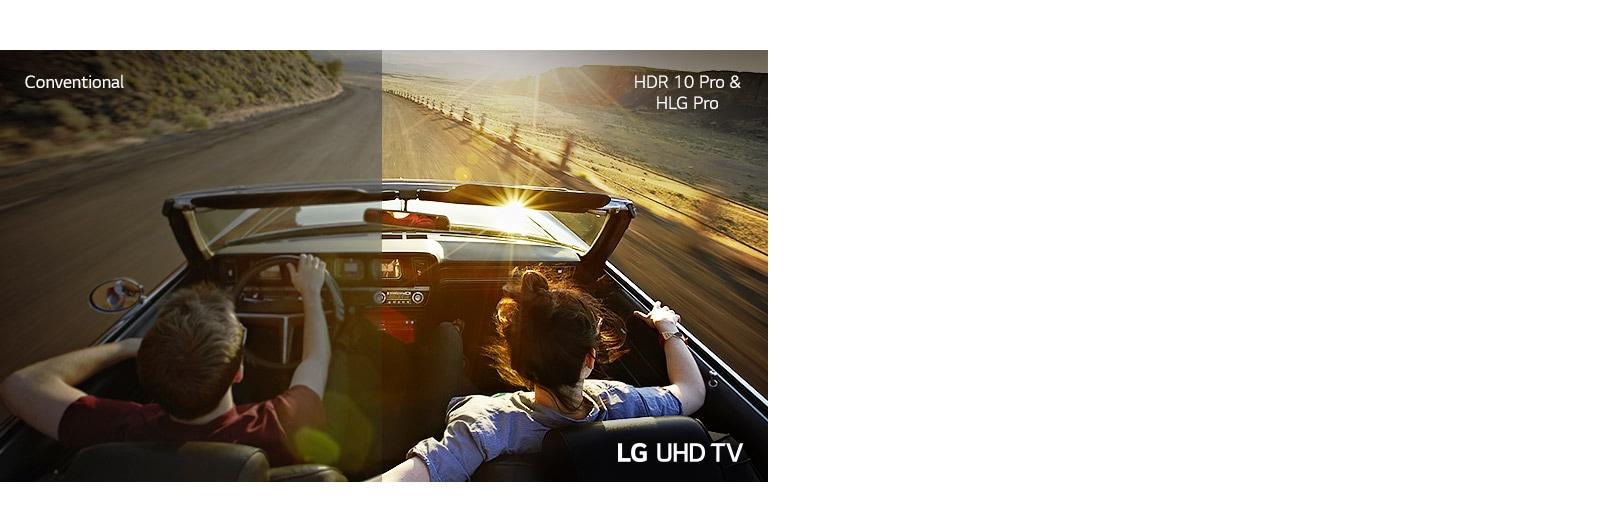 LG 65UN8000PTA HDR Pro HLG Pro